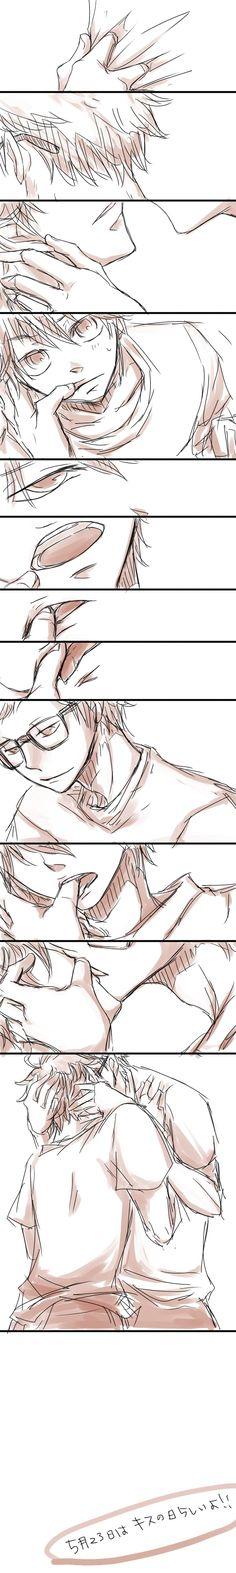 TsukiHina <3